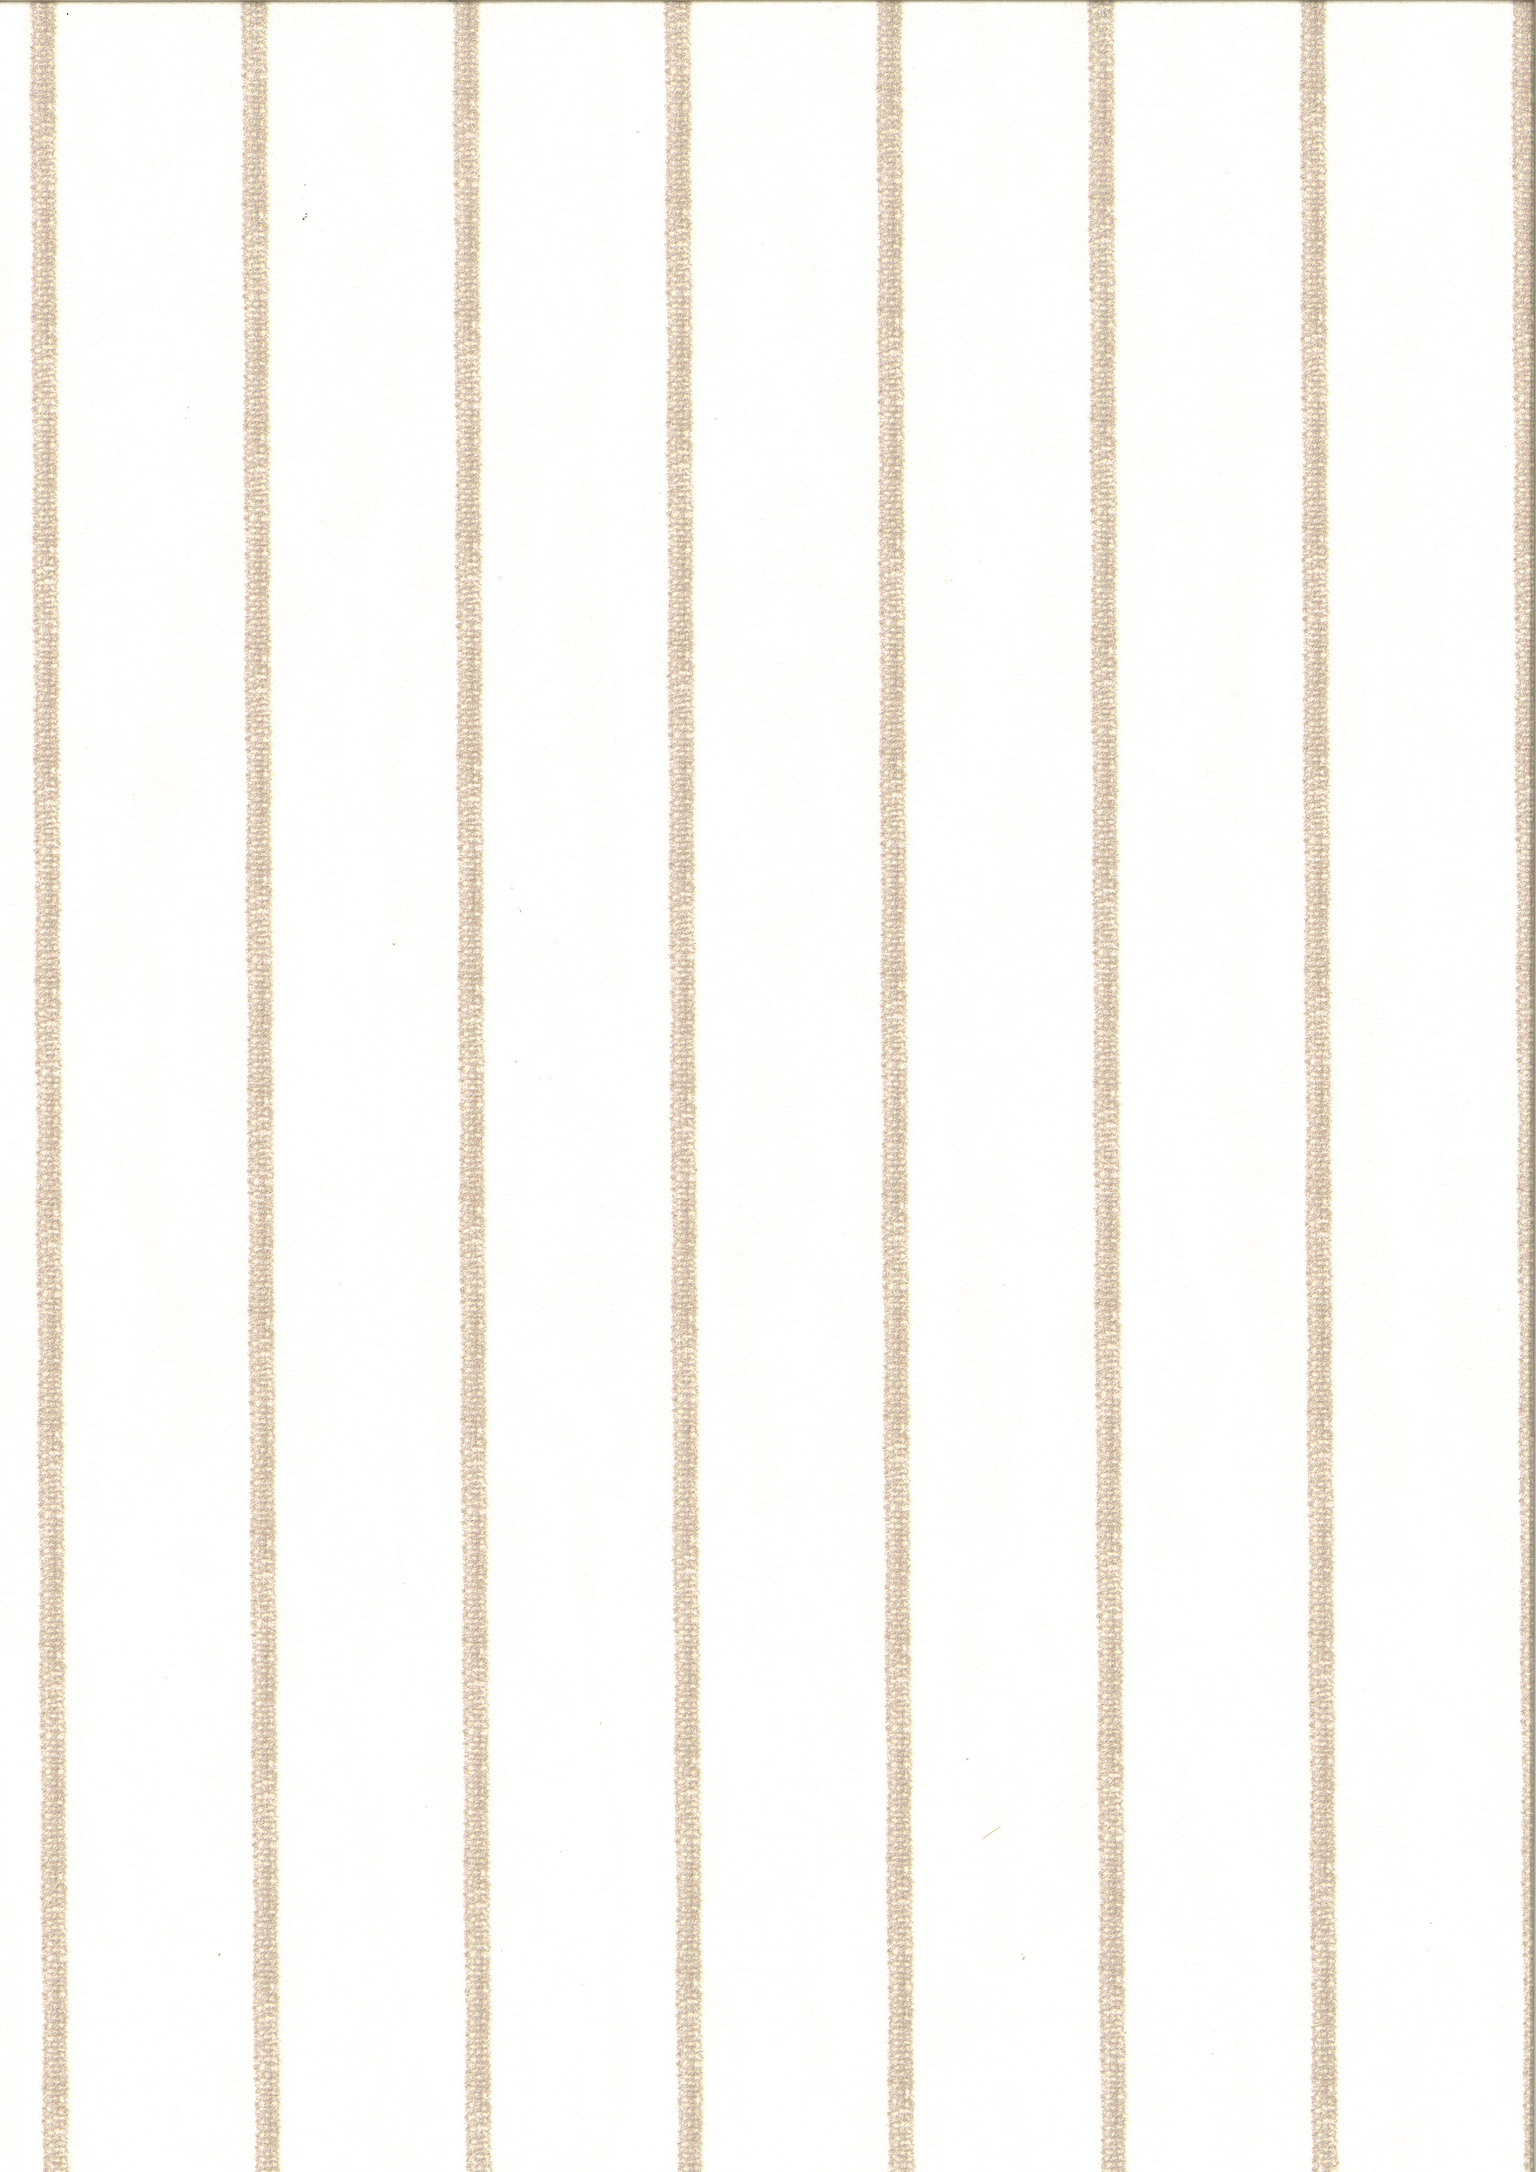 PIENZA GESSATO Ivory beige stripe